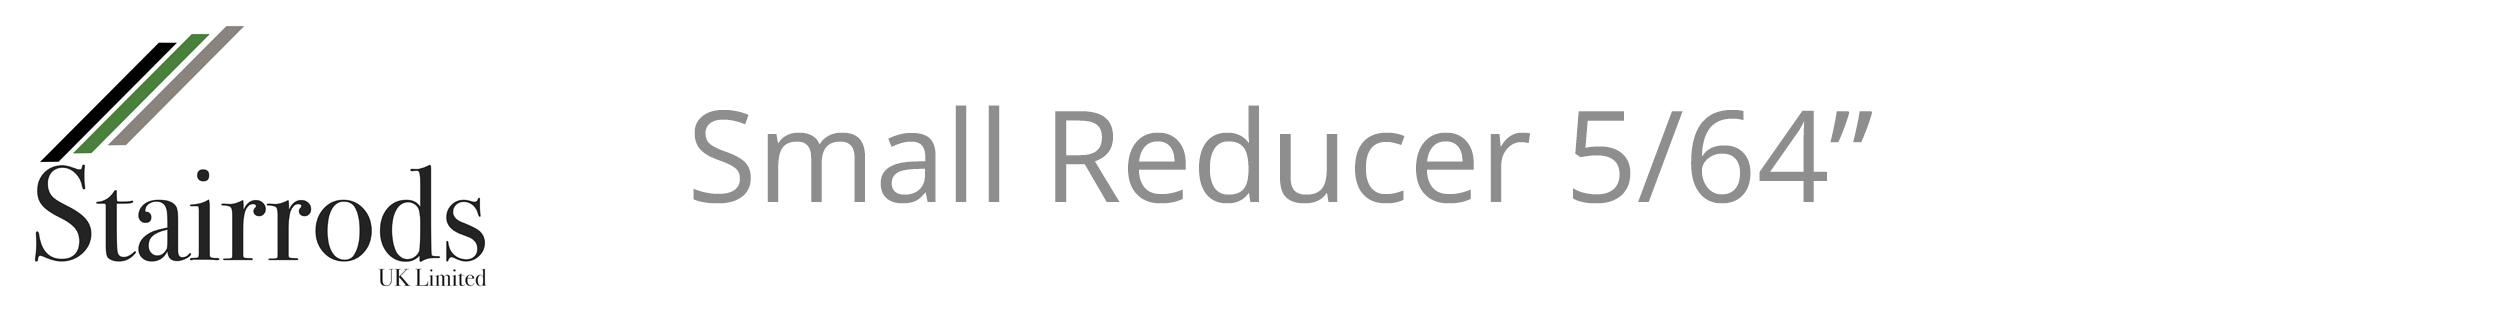 Small Reducer 2.jpg